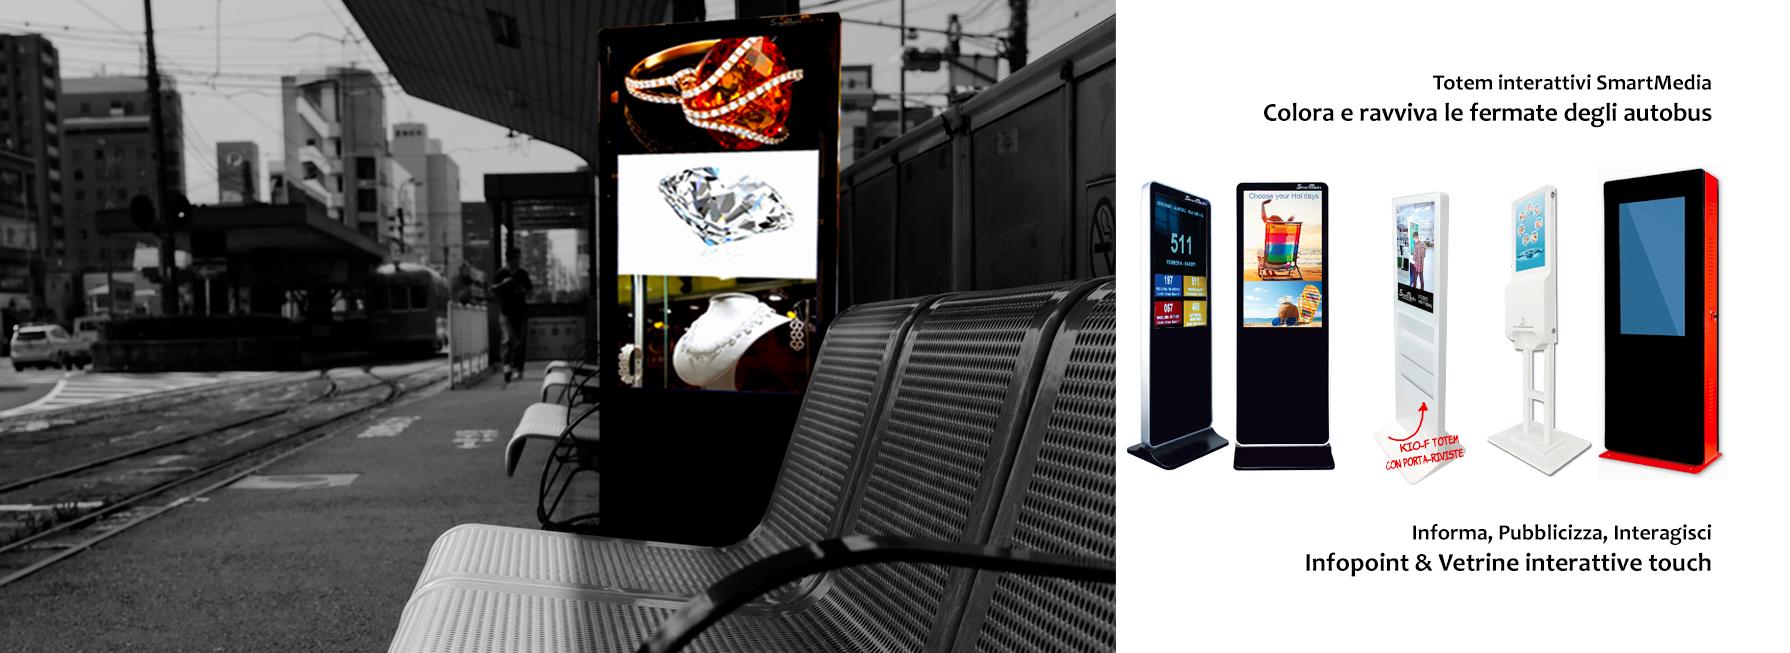 Colora e ravviva le fermate degli autobus con i totem interattvi SmartMedia, in ottica SmartCity